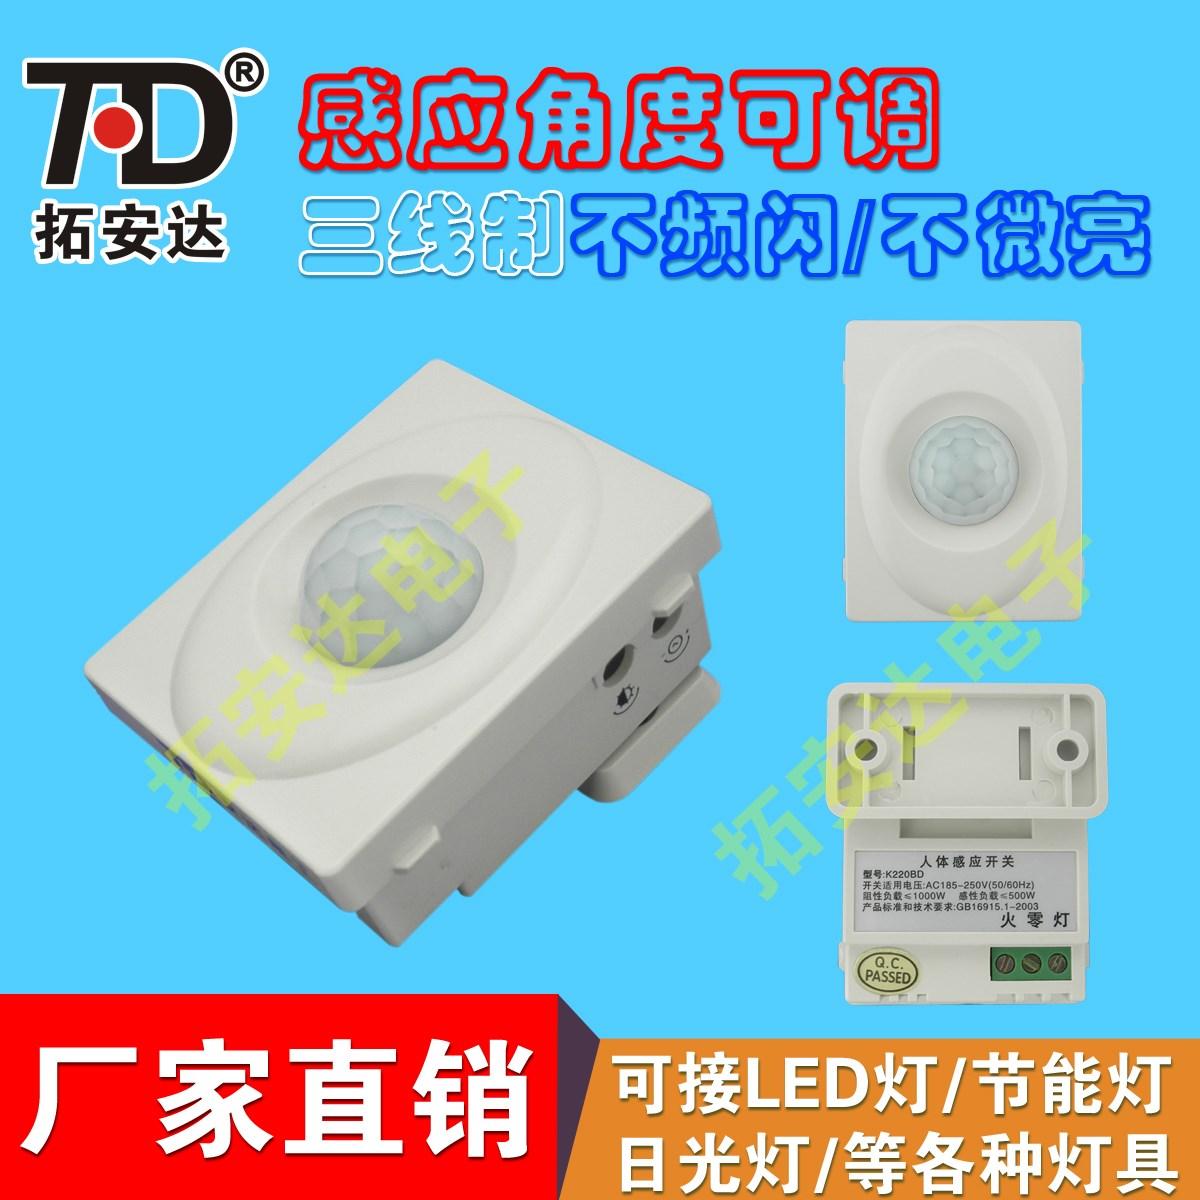 الأشعة تحت الحمراء الاستشعار التبديل 12 فولت السلطة AC220V قابل للتعديل يمكن توصيل مروحة العادم مع ضوء الصمام يمكن أن